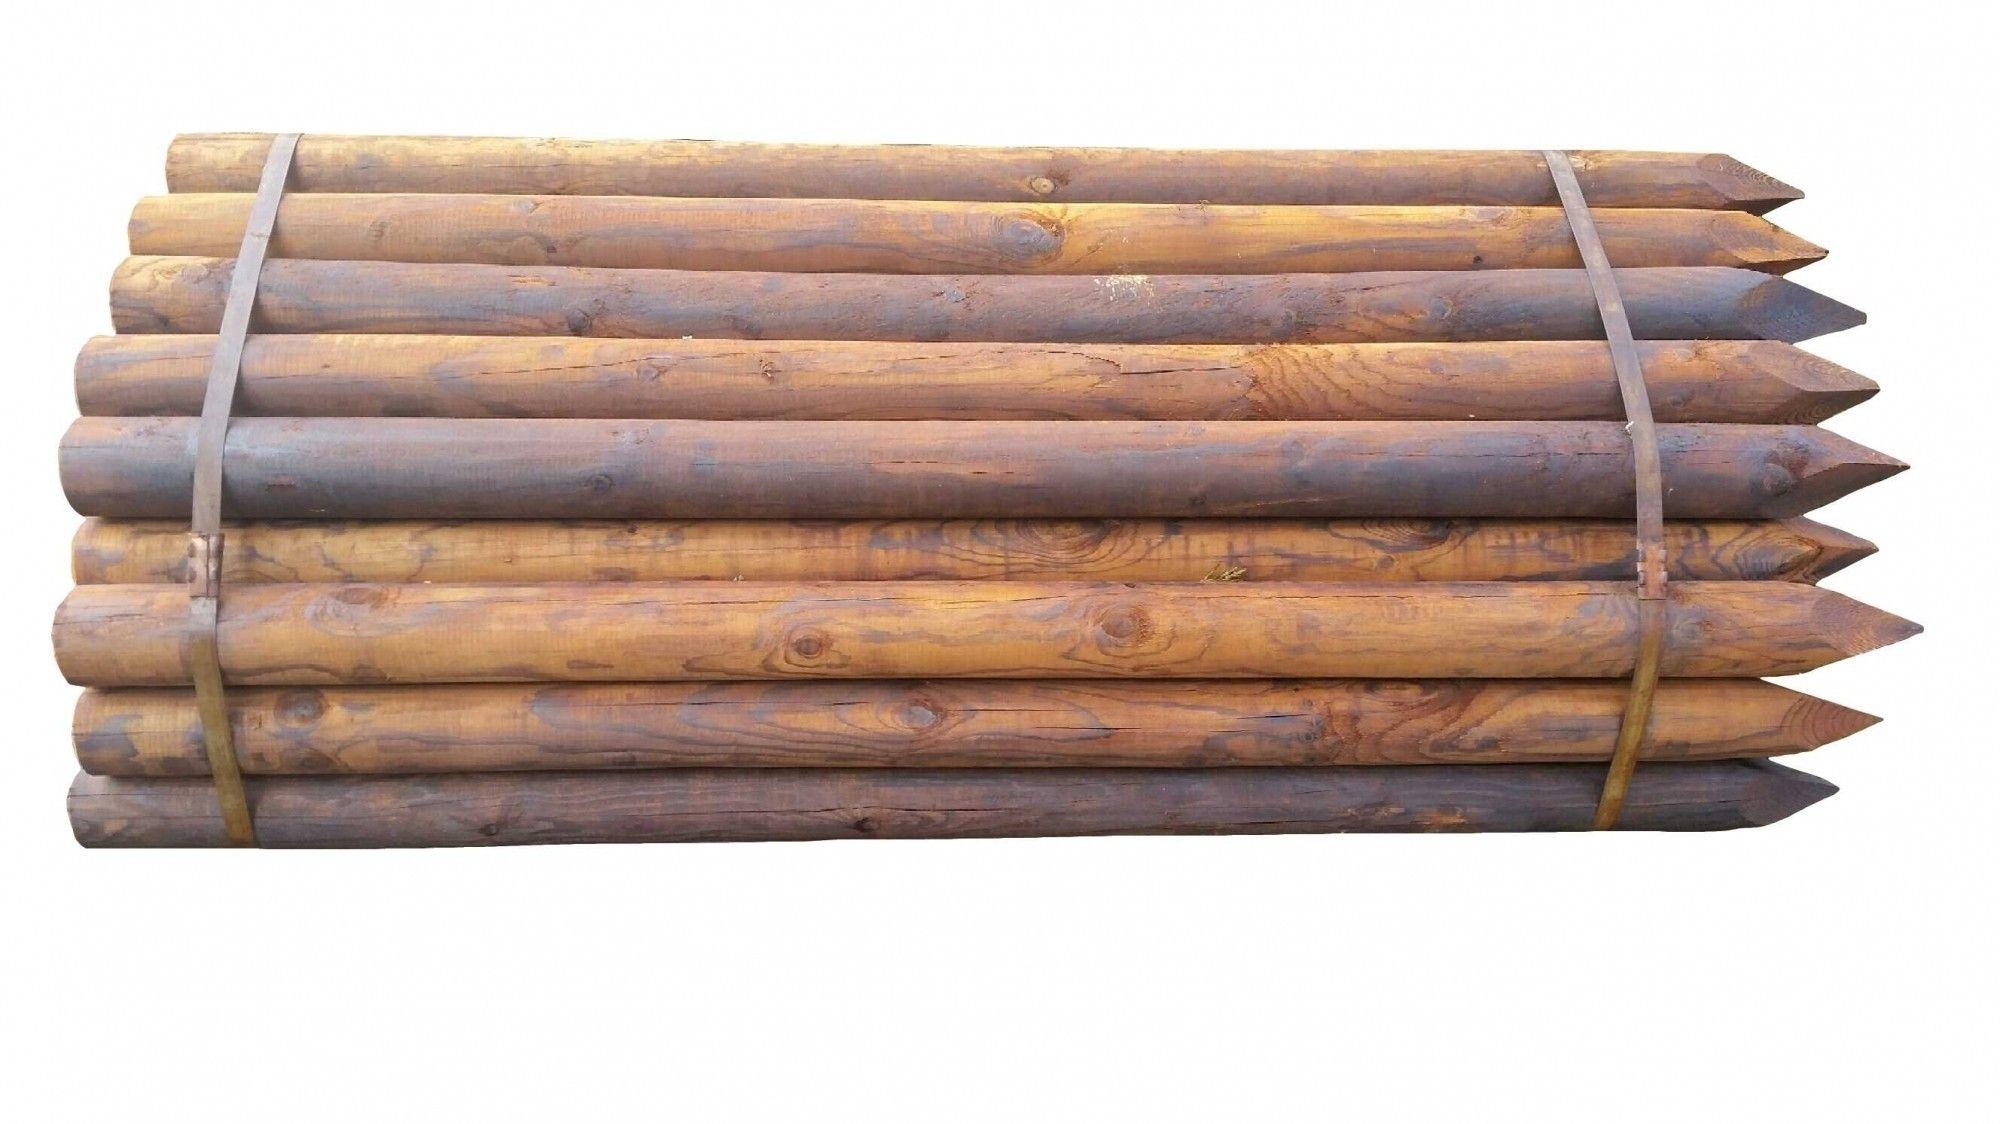 Houten paal Gecreosoteerd 120 x 6.5cm rond gefreesd